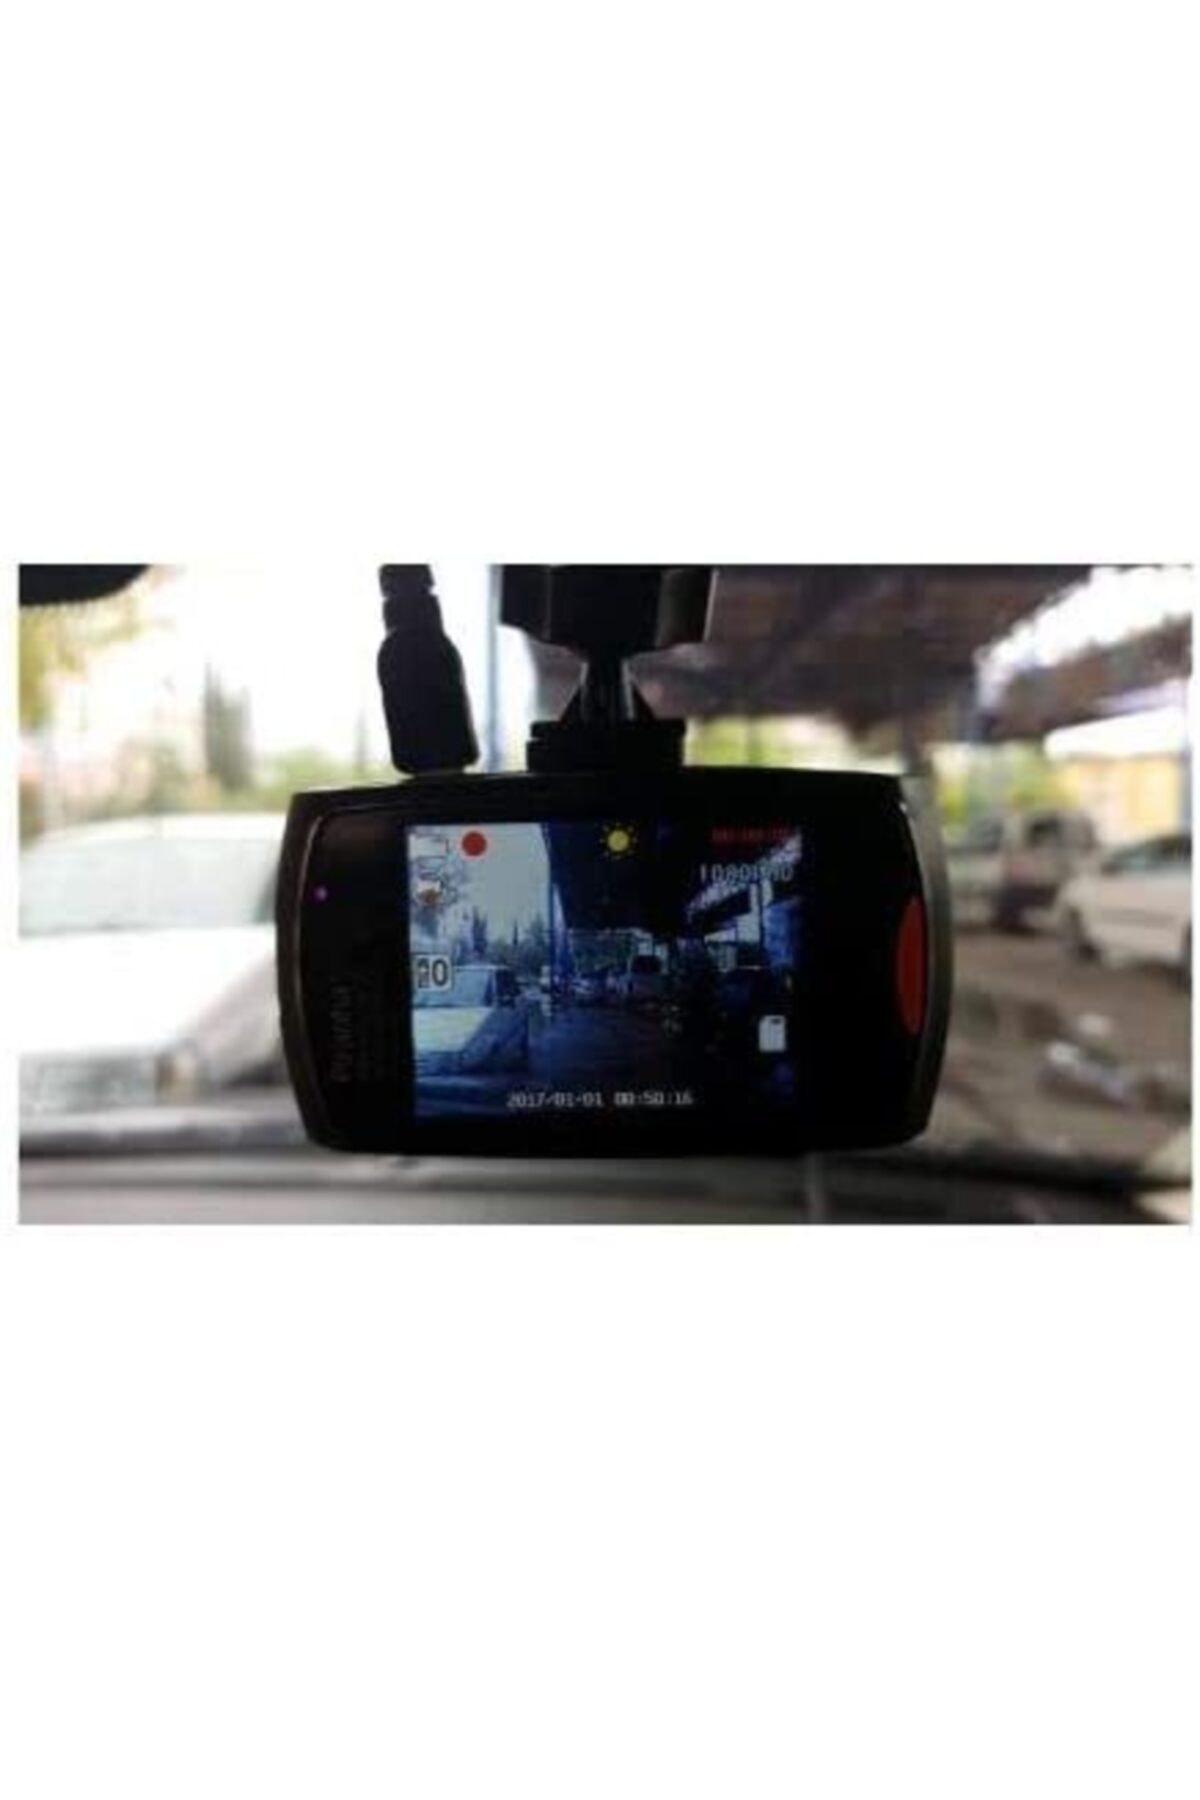 Piranha 1315 Full Hd Araç Içi Kamera 2